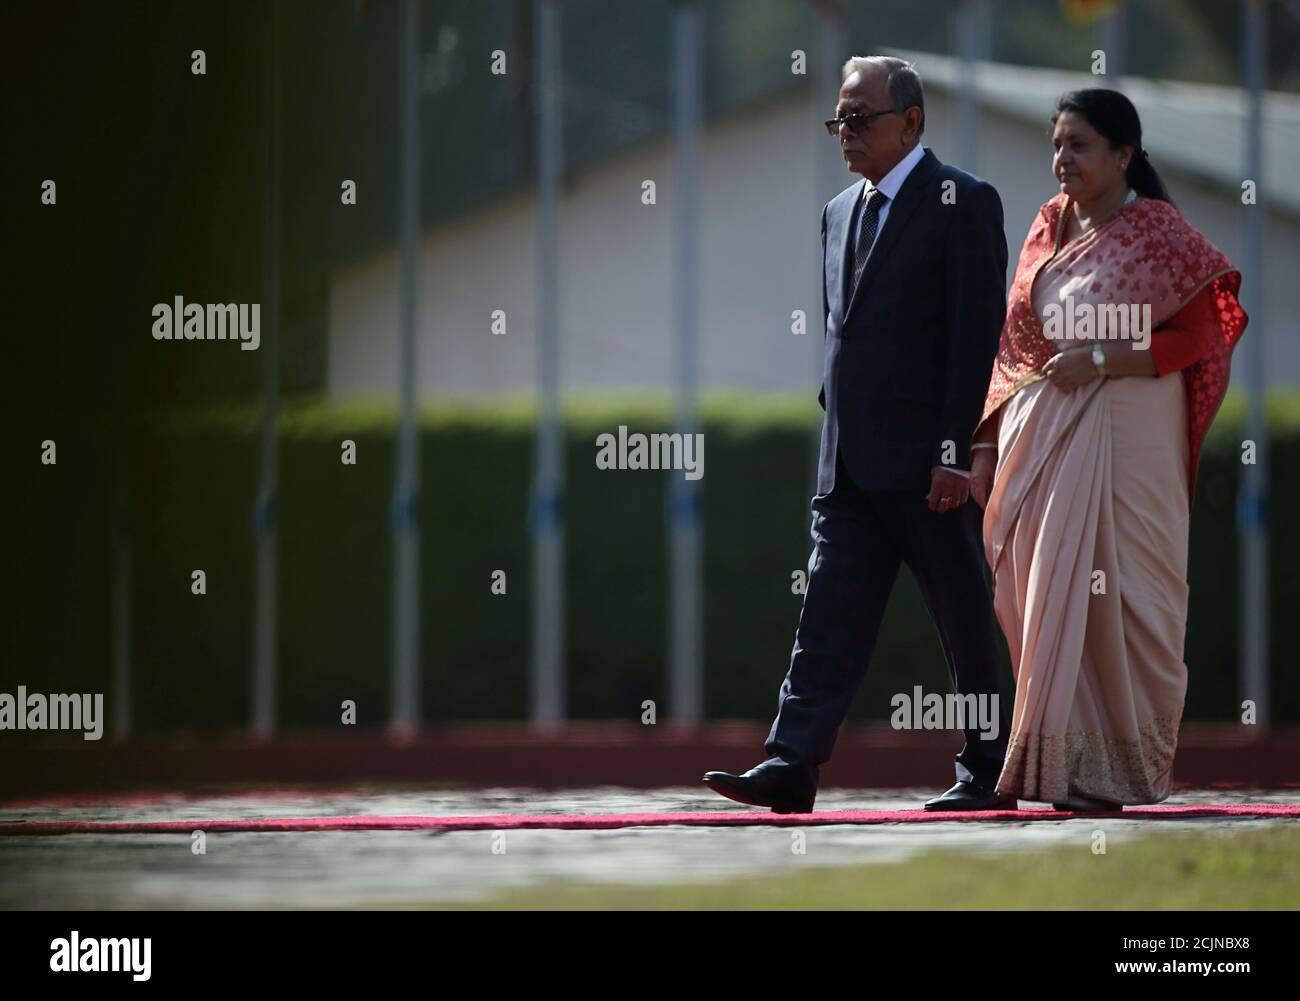 Le président du Bangladesh, Abdul Hamid, se promène avec le président du Népal, Bidhya Devi Bhandari, pour inspecter la garde d'honneur à son arrivée à l'aéroport international de Tribhuvan à Katmandou, au Népal, le 12 novembre 2019. REUTERS/Navesh Chitrakar/Pool Banque D'Images